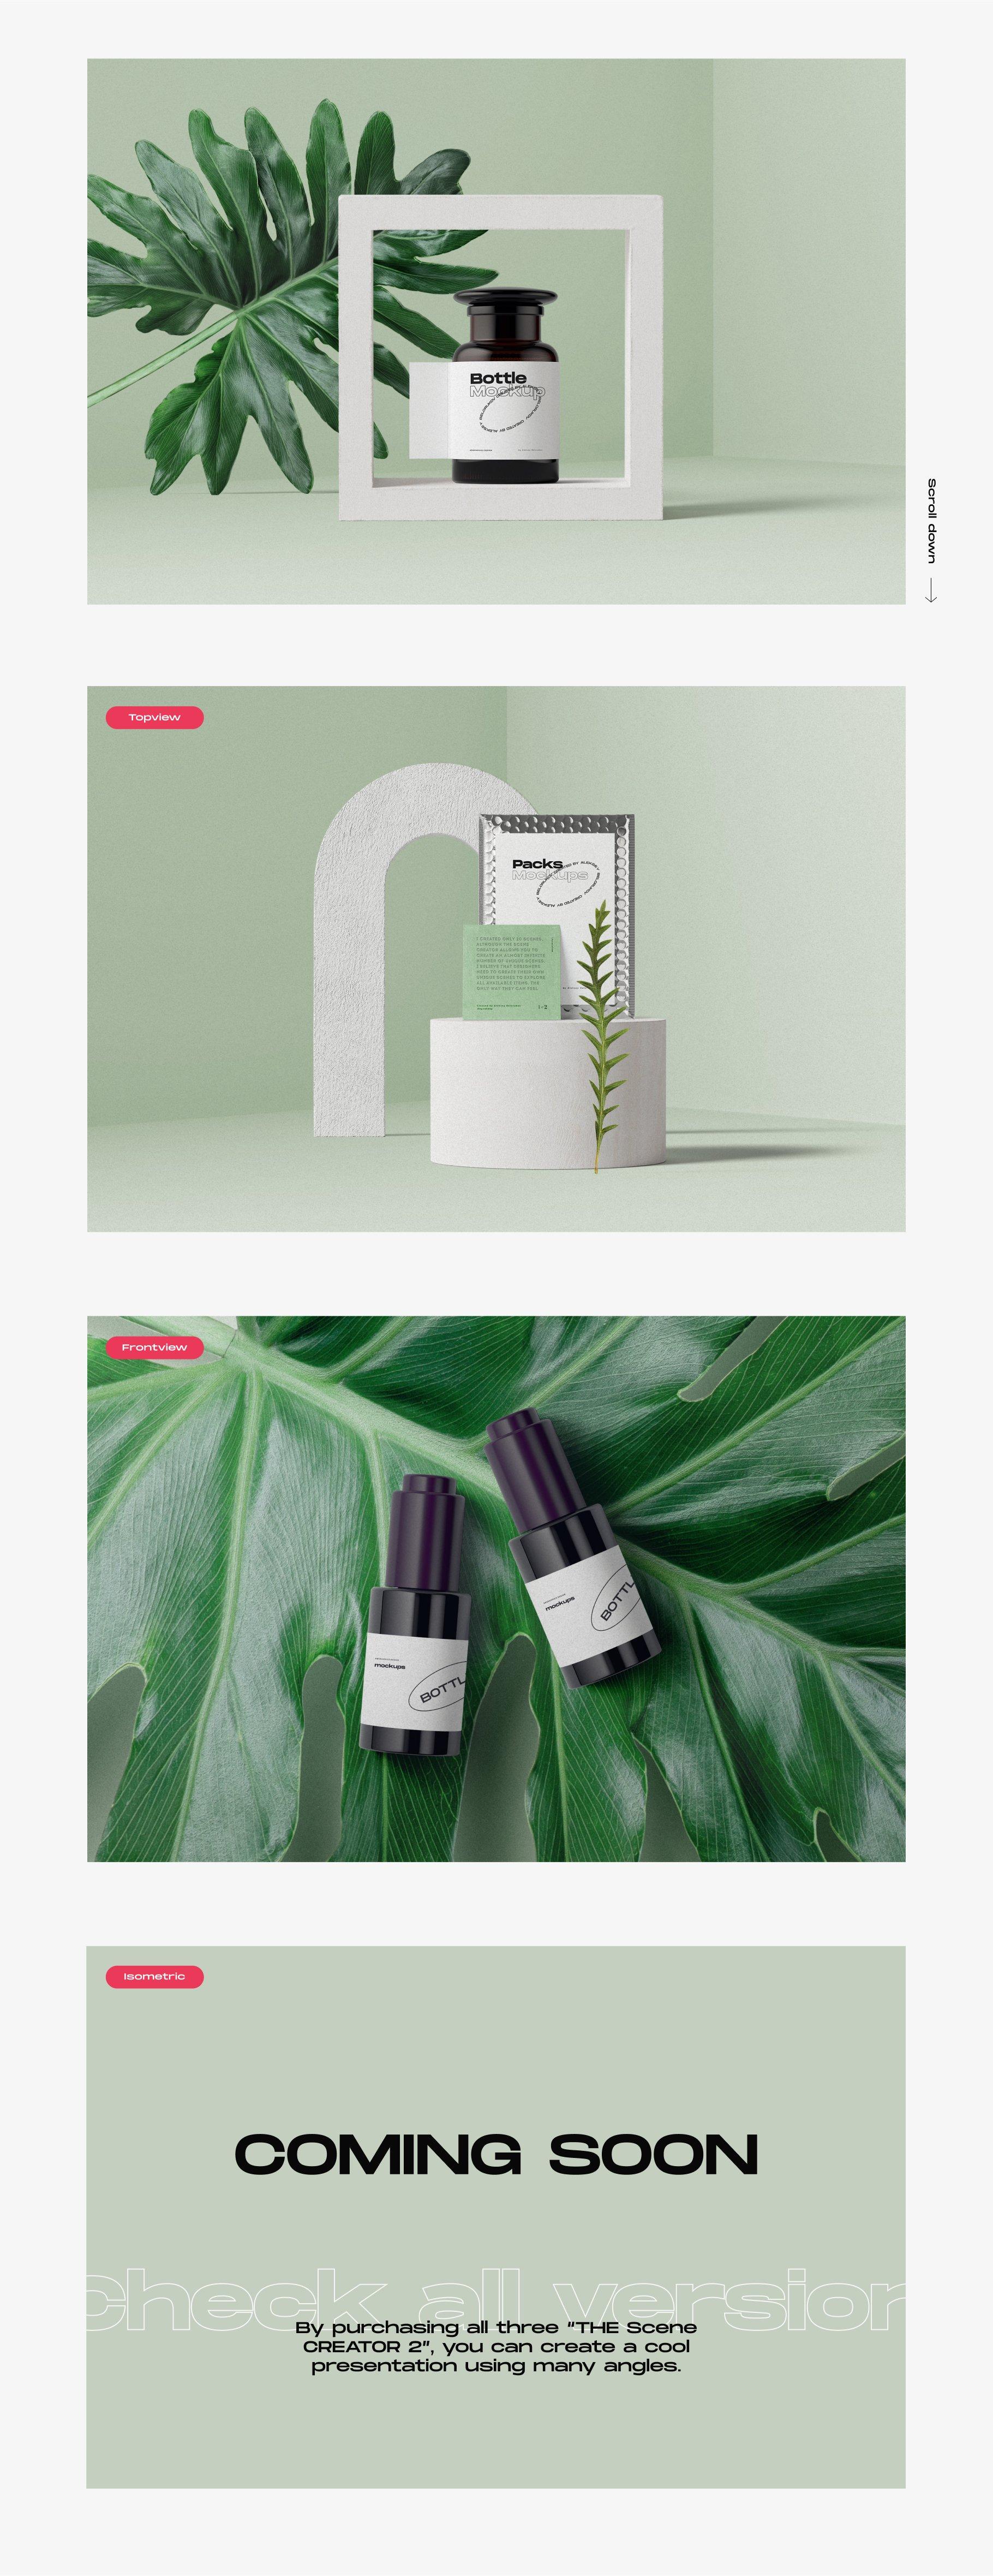 [淘宝购买] 超大品牌VI包装设计PS智能贴图样机模板素材 The Scene Creator 2 / Frontview插图(5)